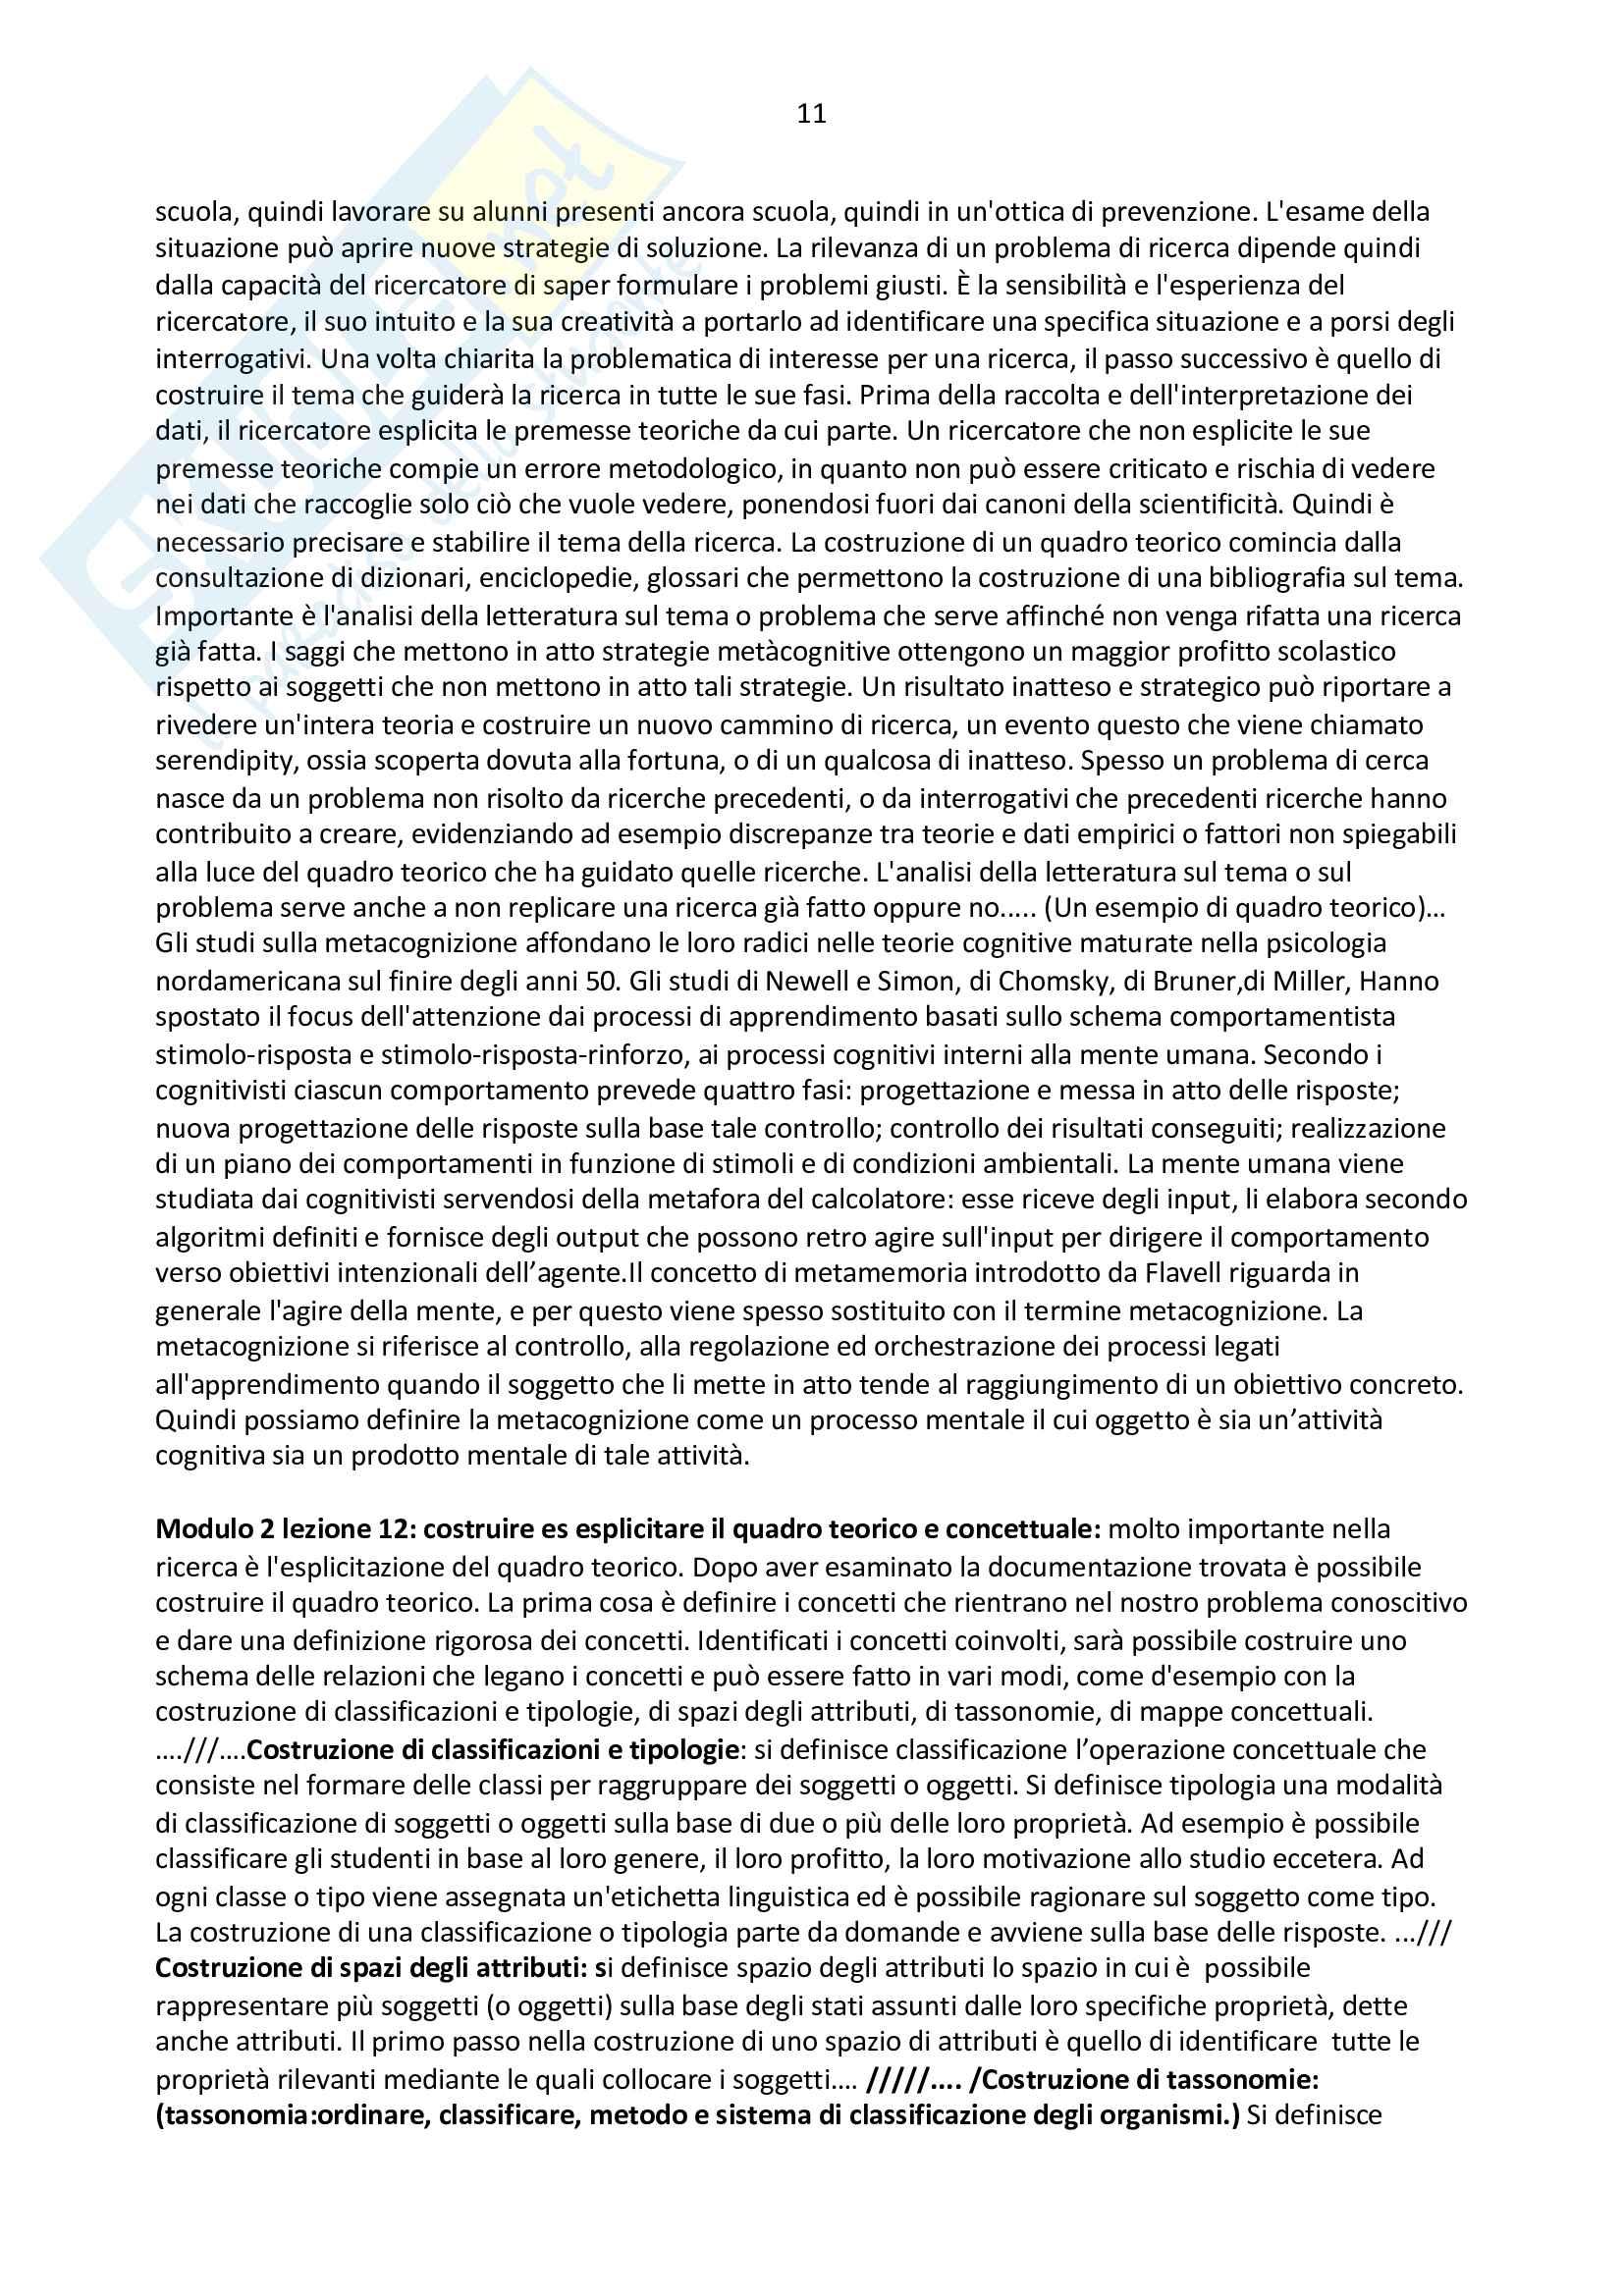 Riassunto pedagogia sperimentale - prof Melchiori Pag. 11